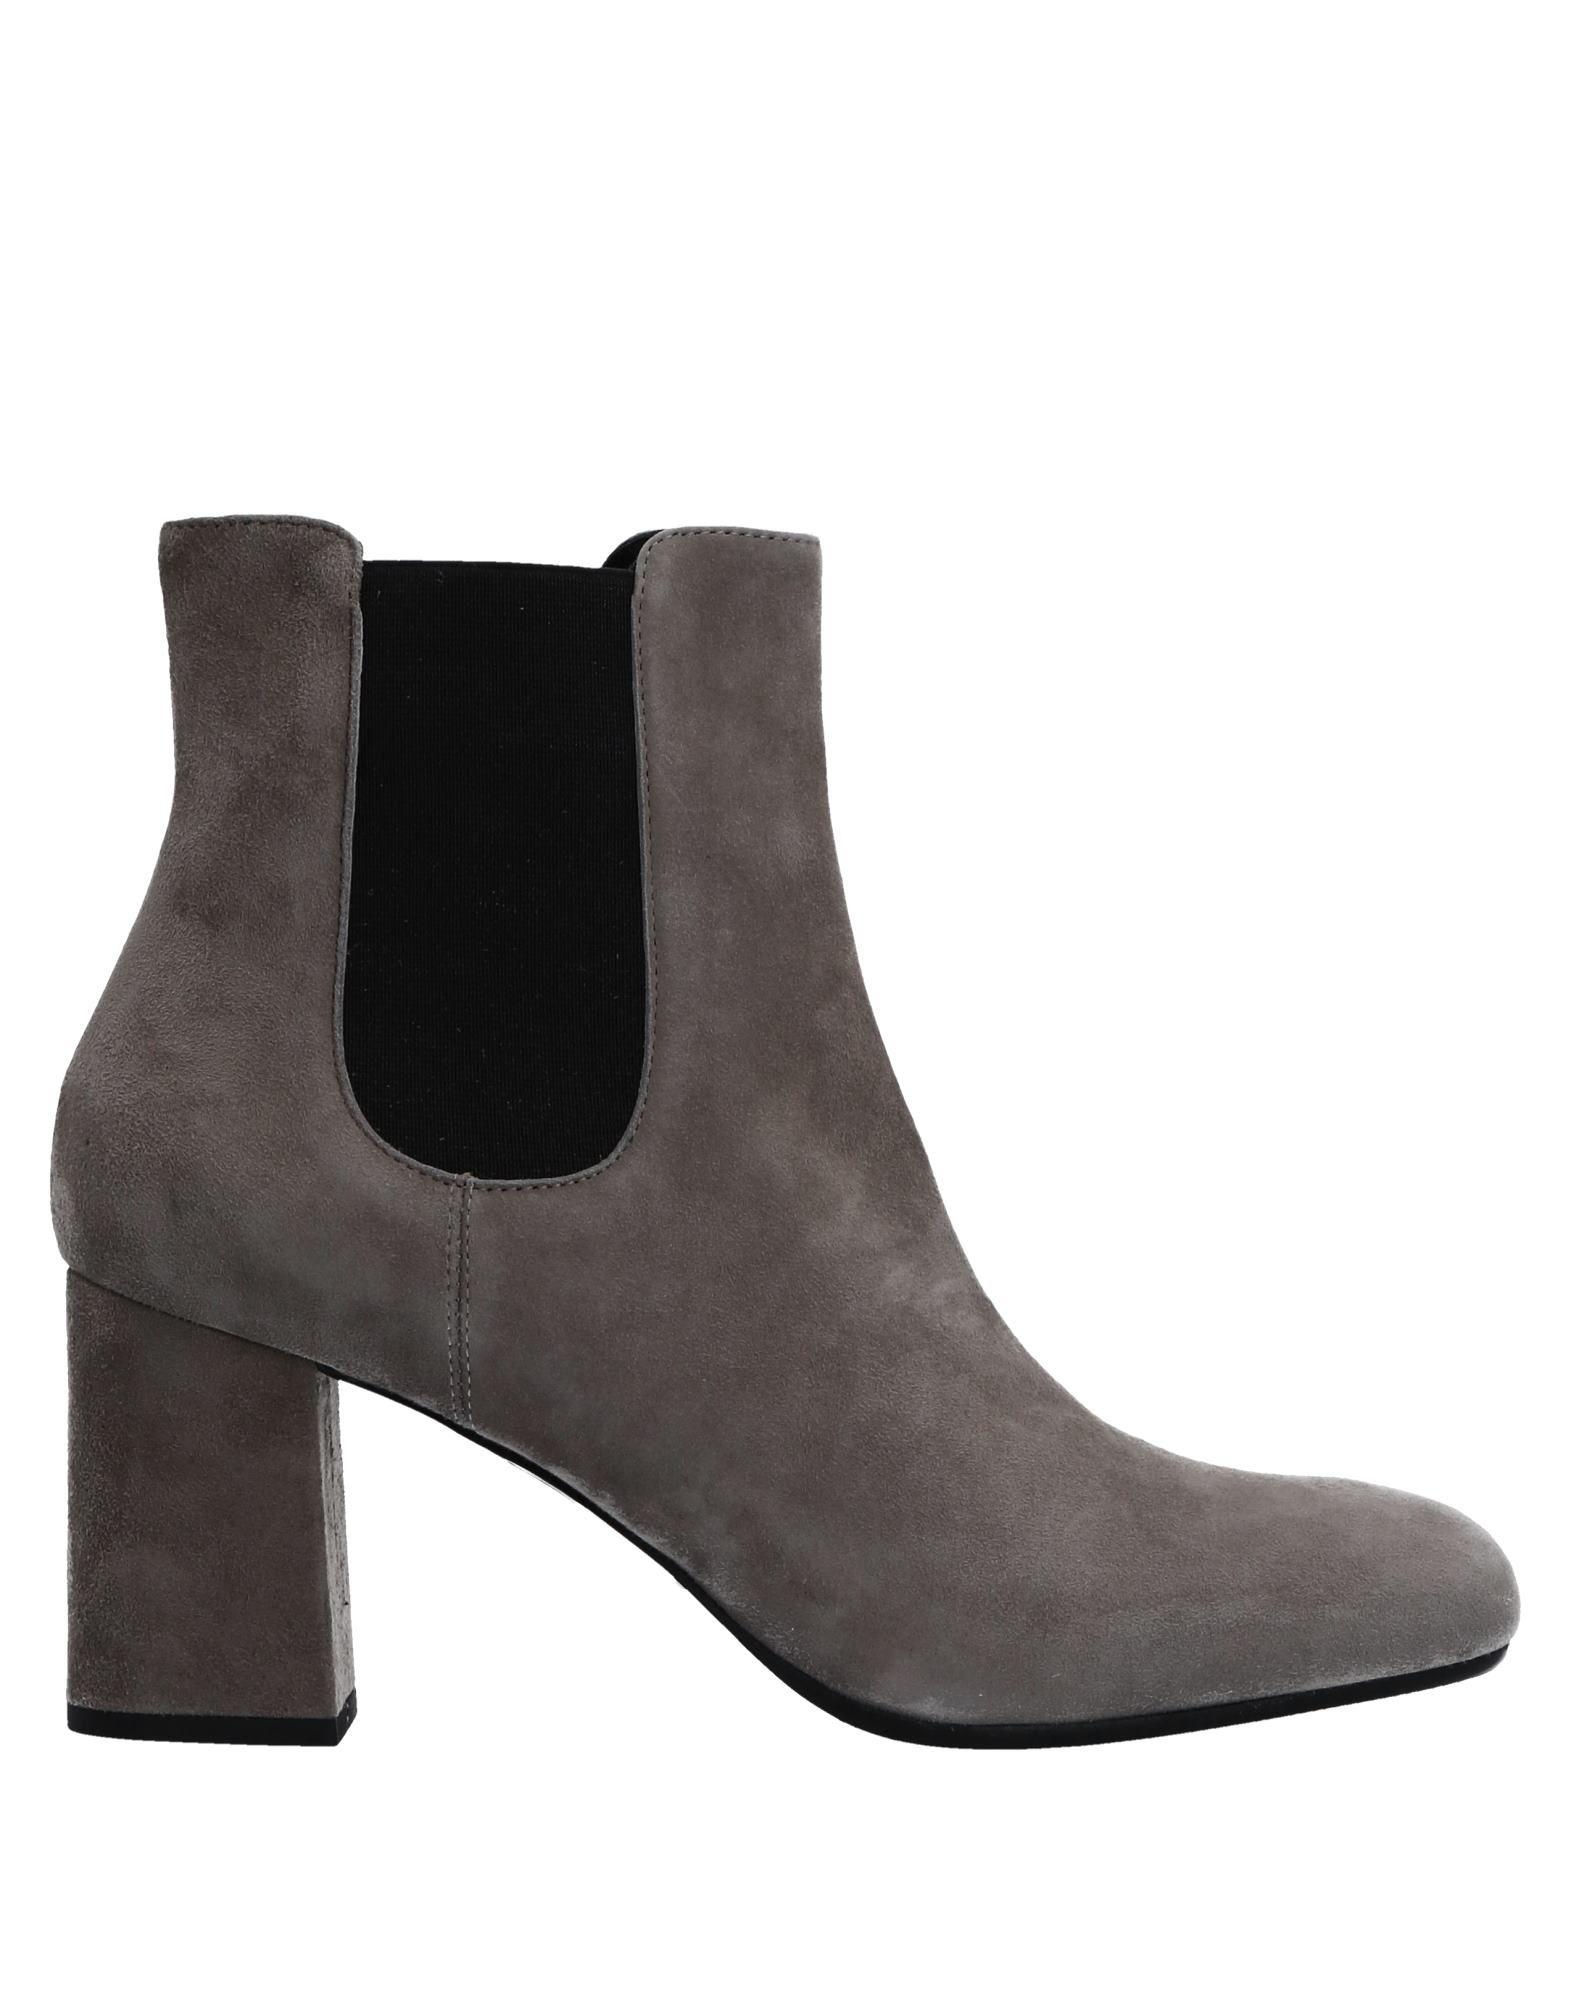 Chelsea Stiefel Andrea Morando damen - 11525238HF